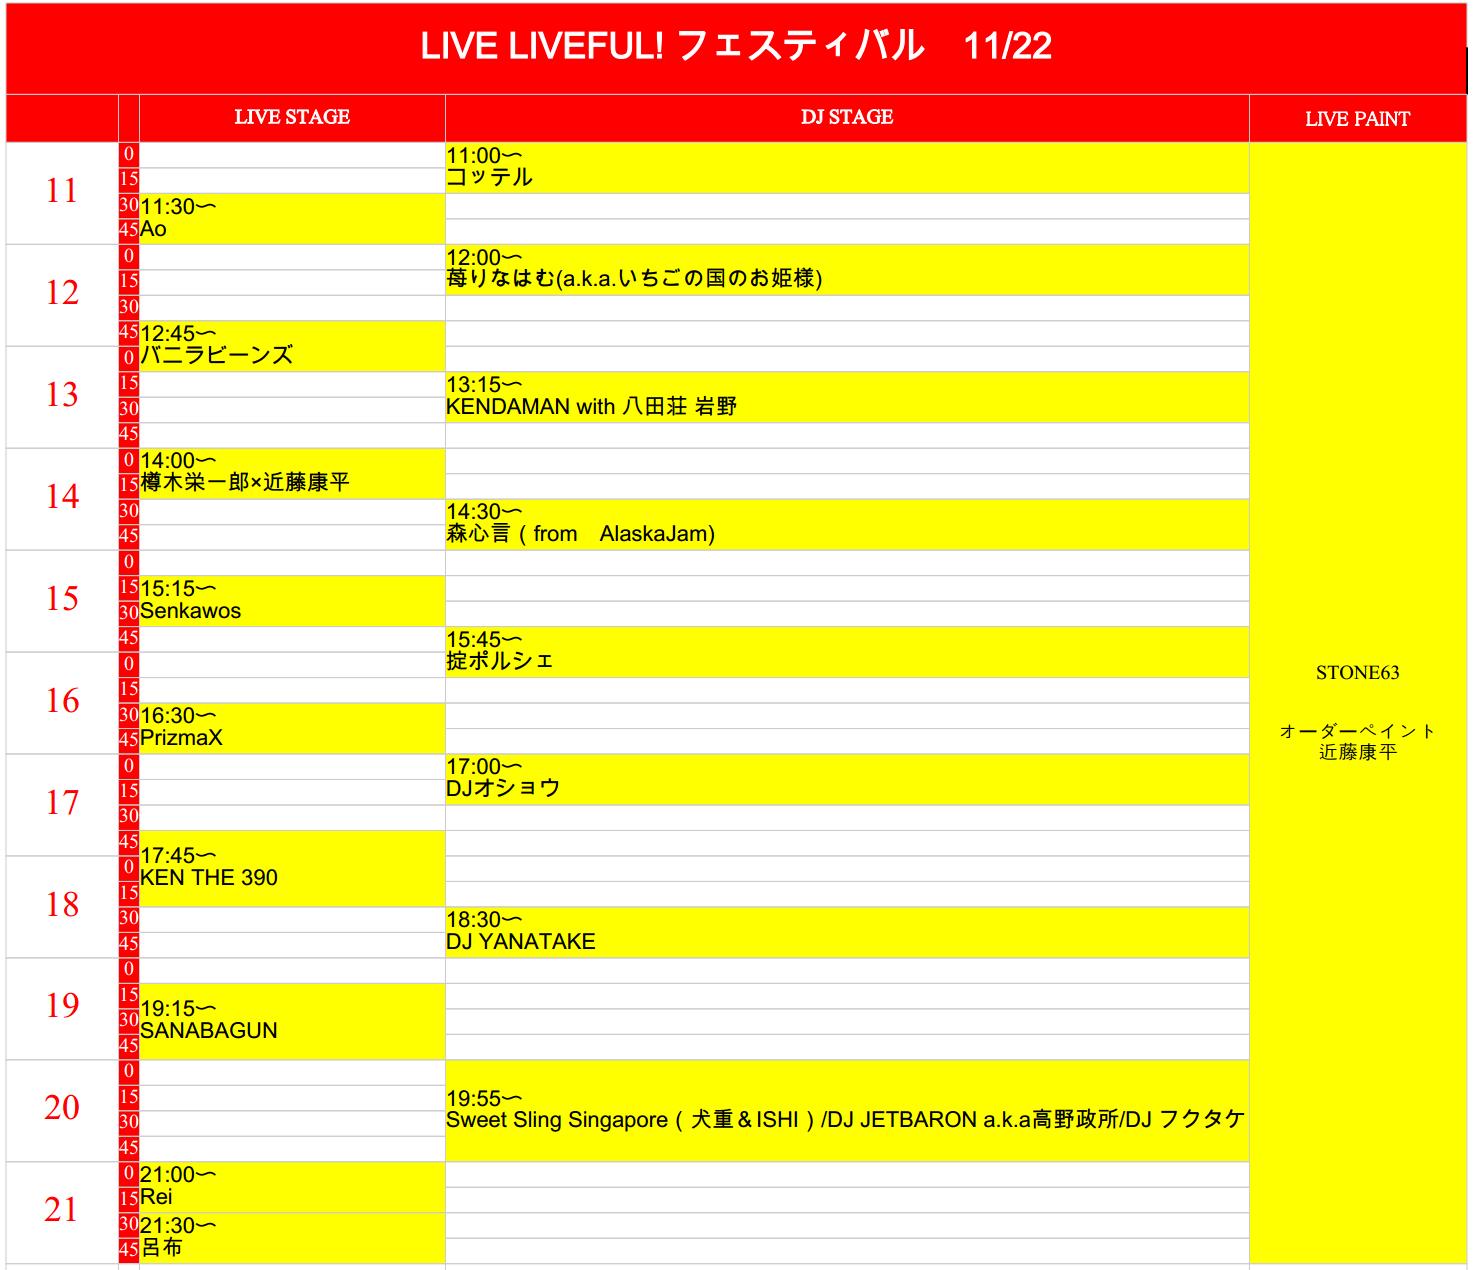 スクリーンショット 2014-11-20 19.48.17